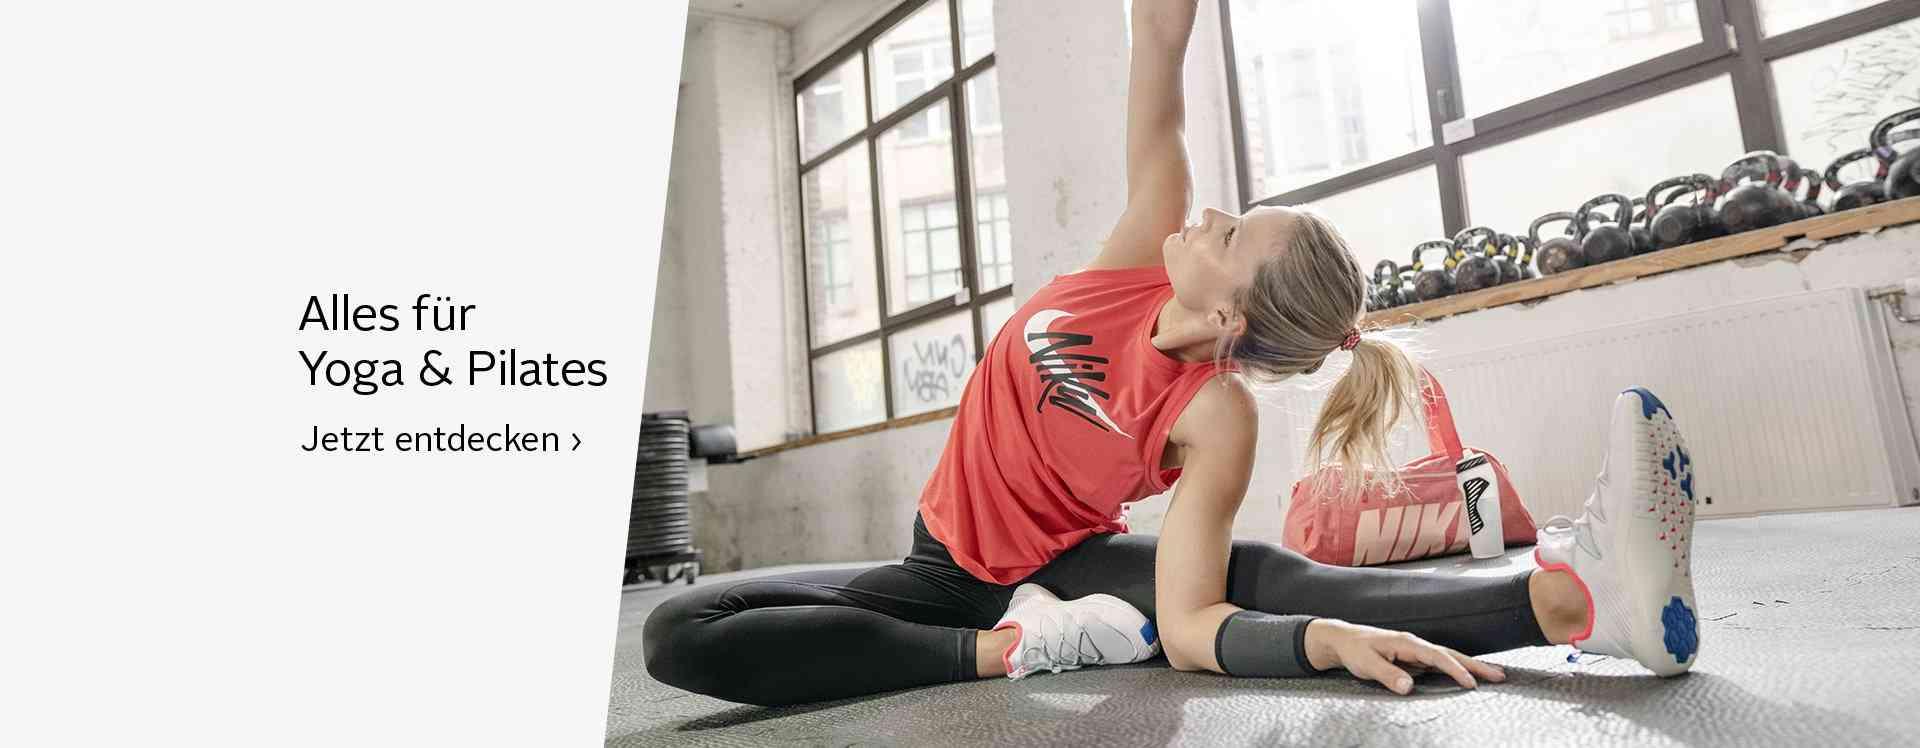 Diese Outfits sind die idealen Trainingspartner für das nächste Yoga- oder Pilatestraining. Unterstützt durch eine Yoga-matte und den Gymnastikball bleiben Sie kraftvoll, beweglich und ausgeglichen.